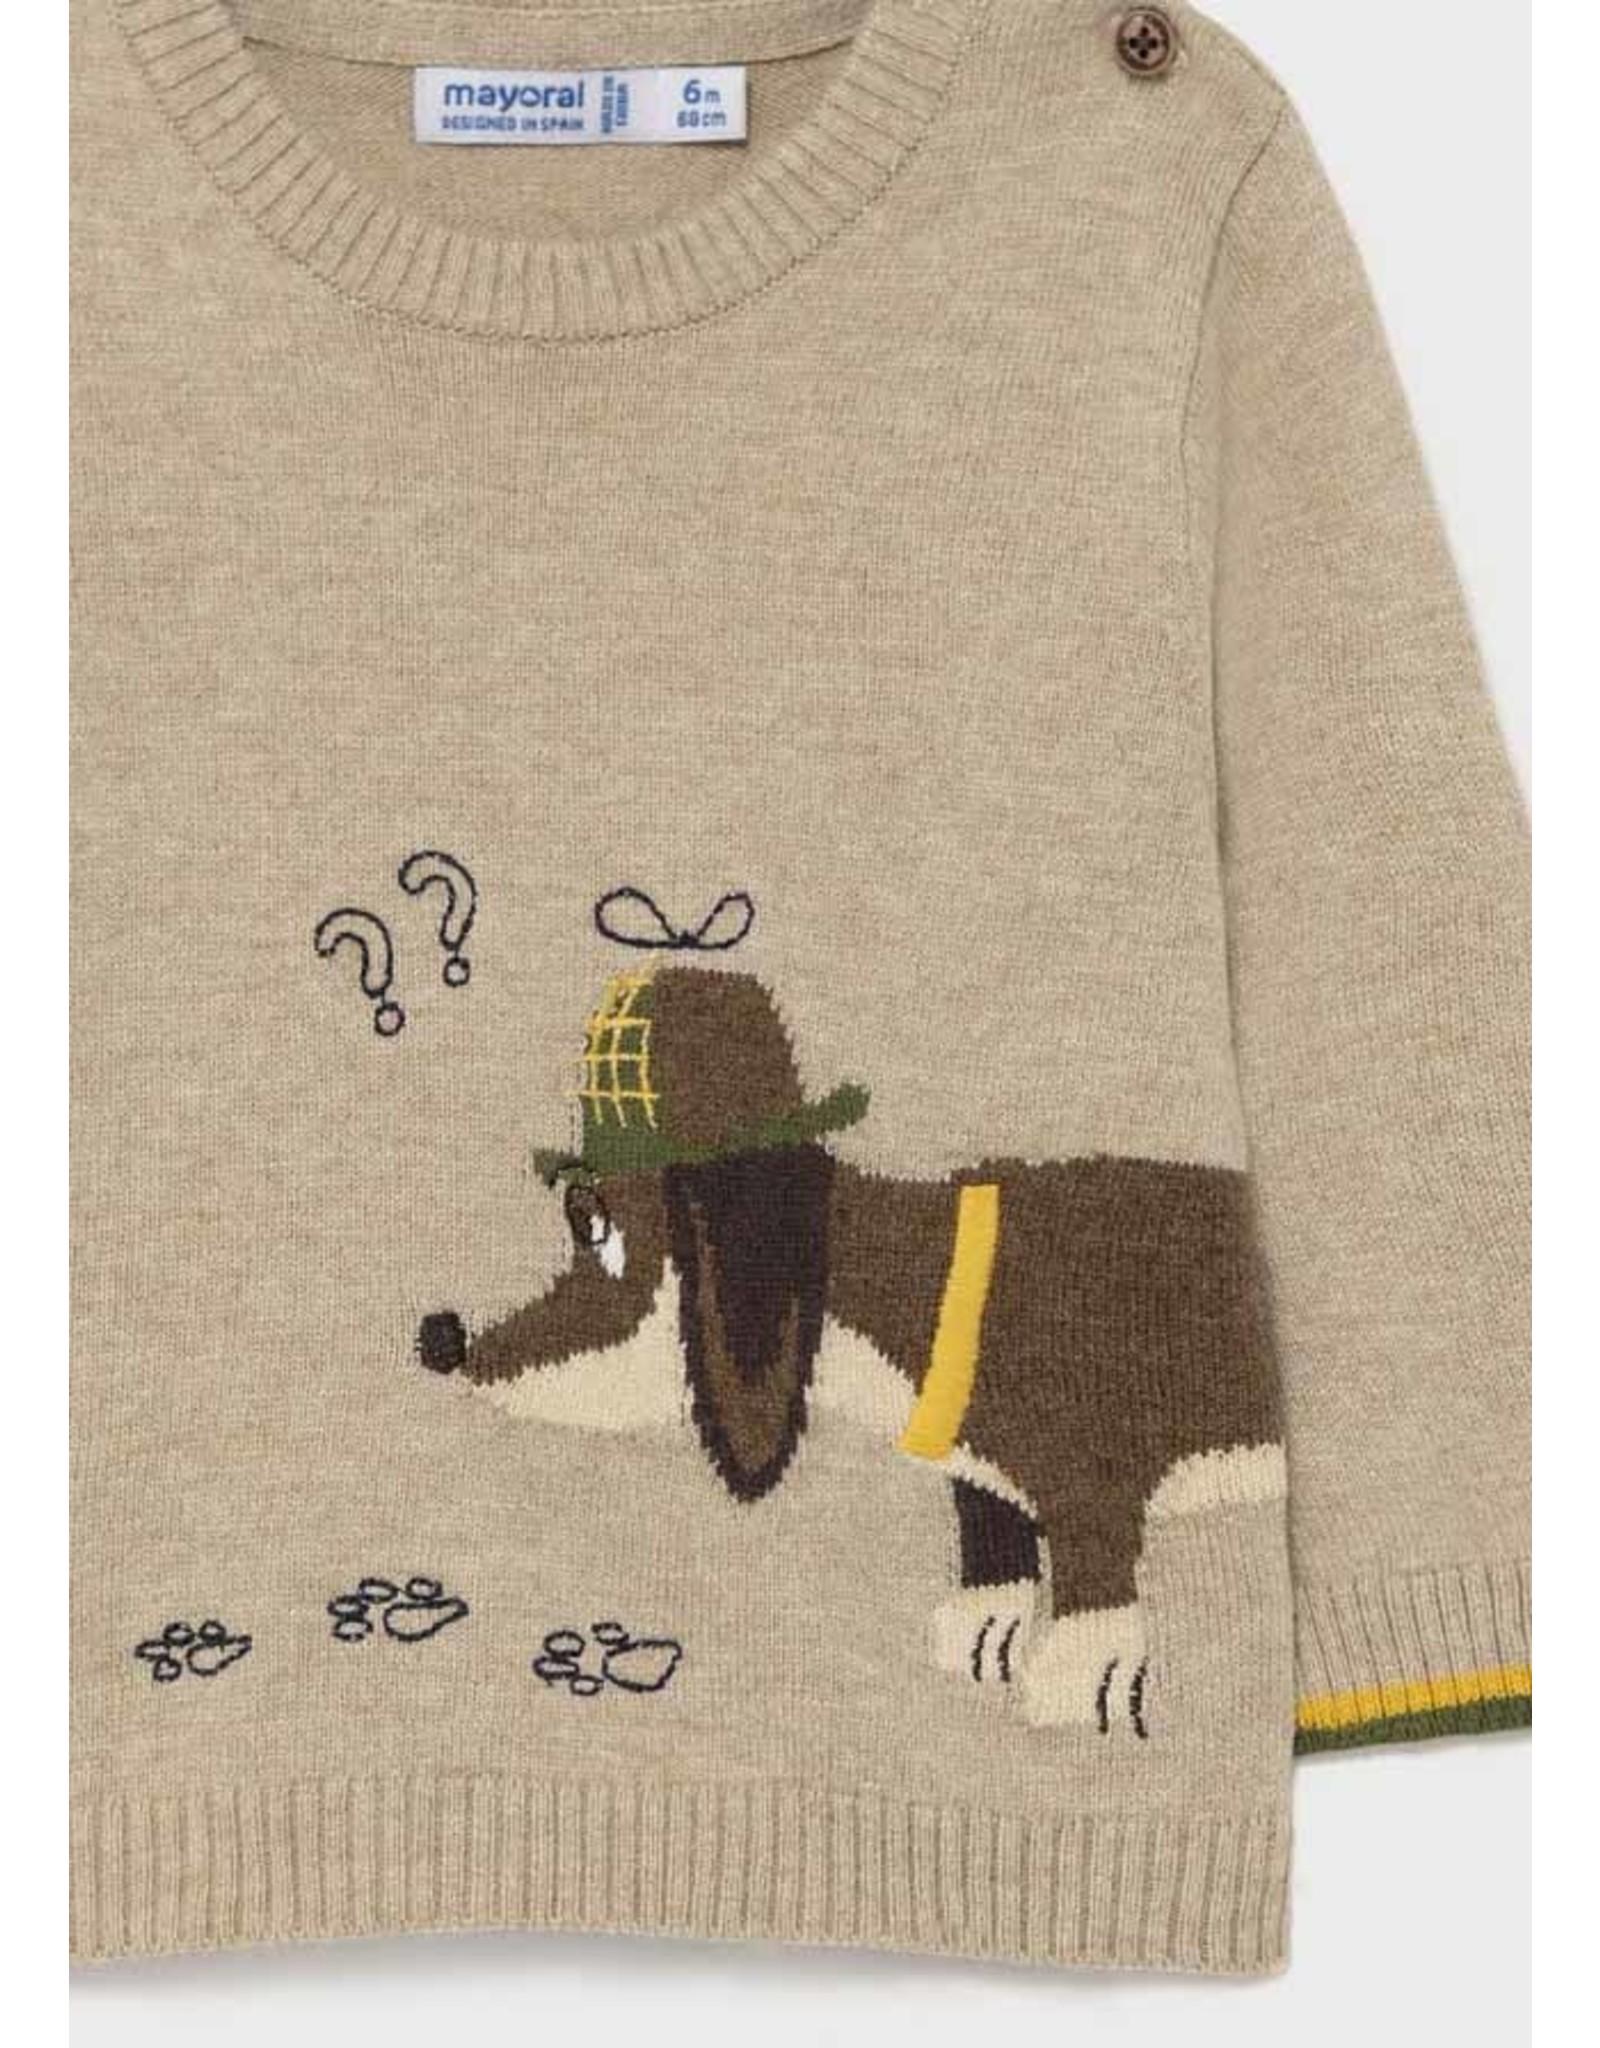 Mayoral Weiner Dog Sweater